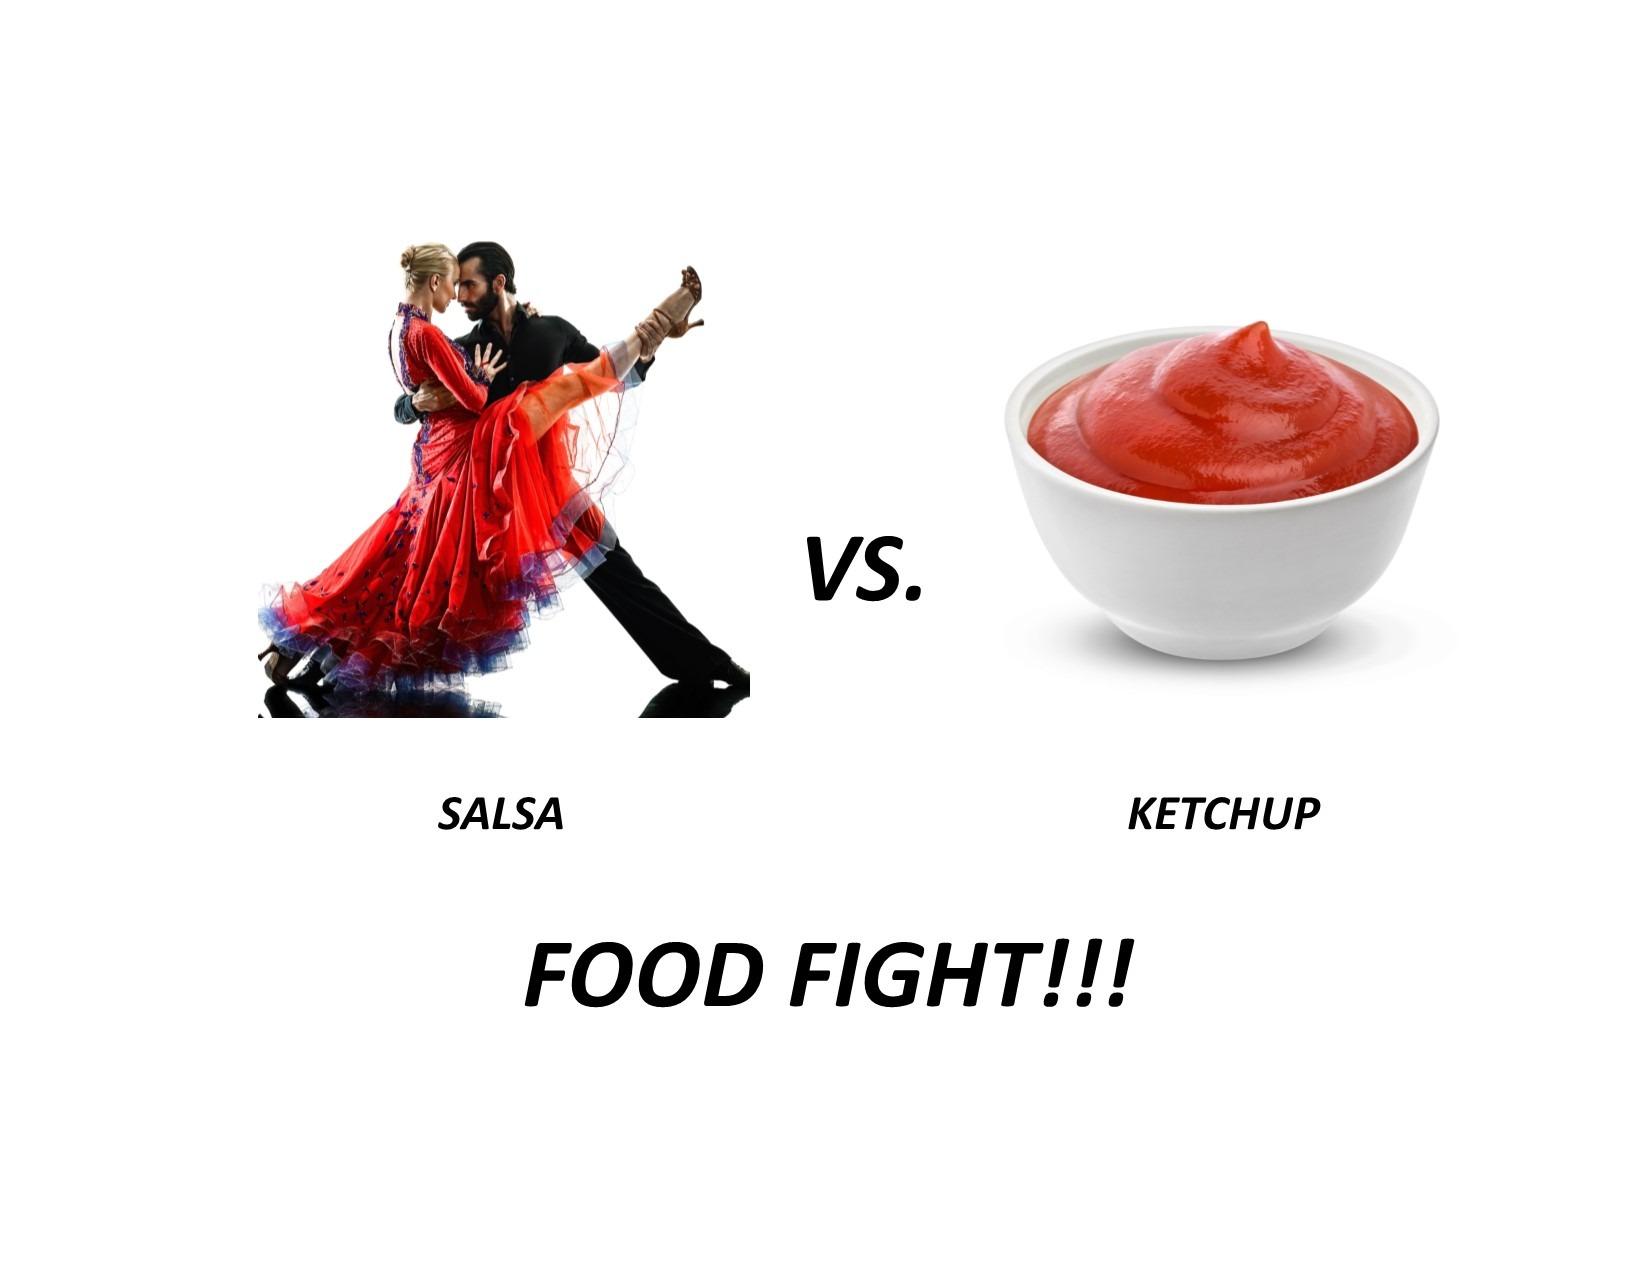 Salsa vs Ketchup